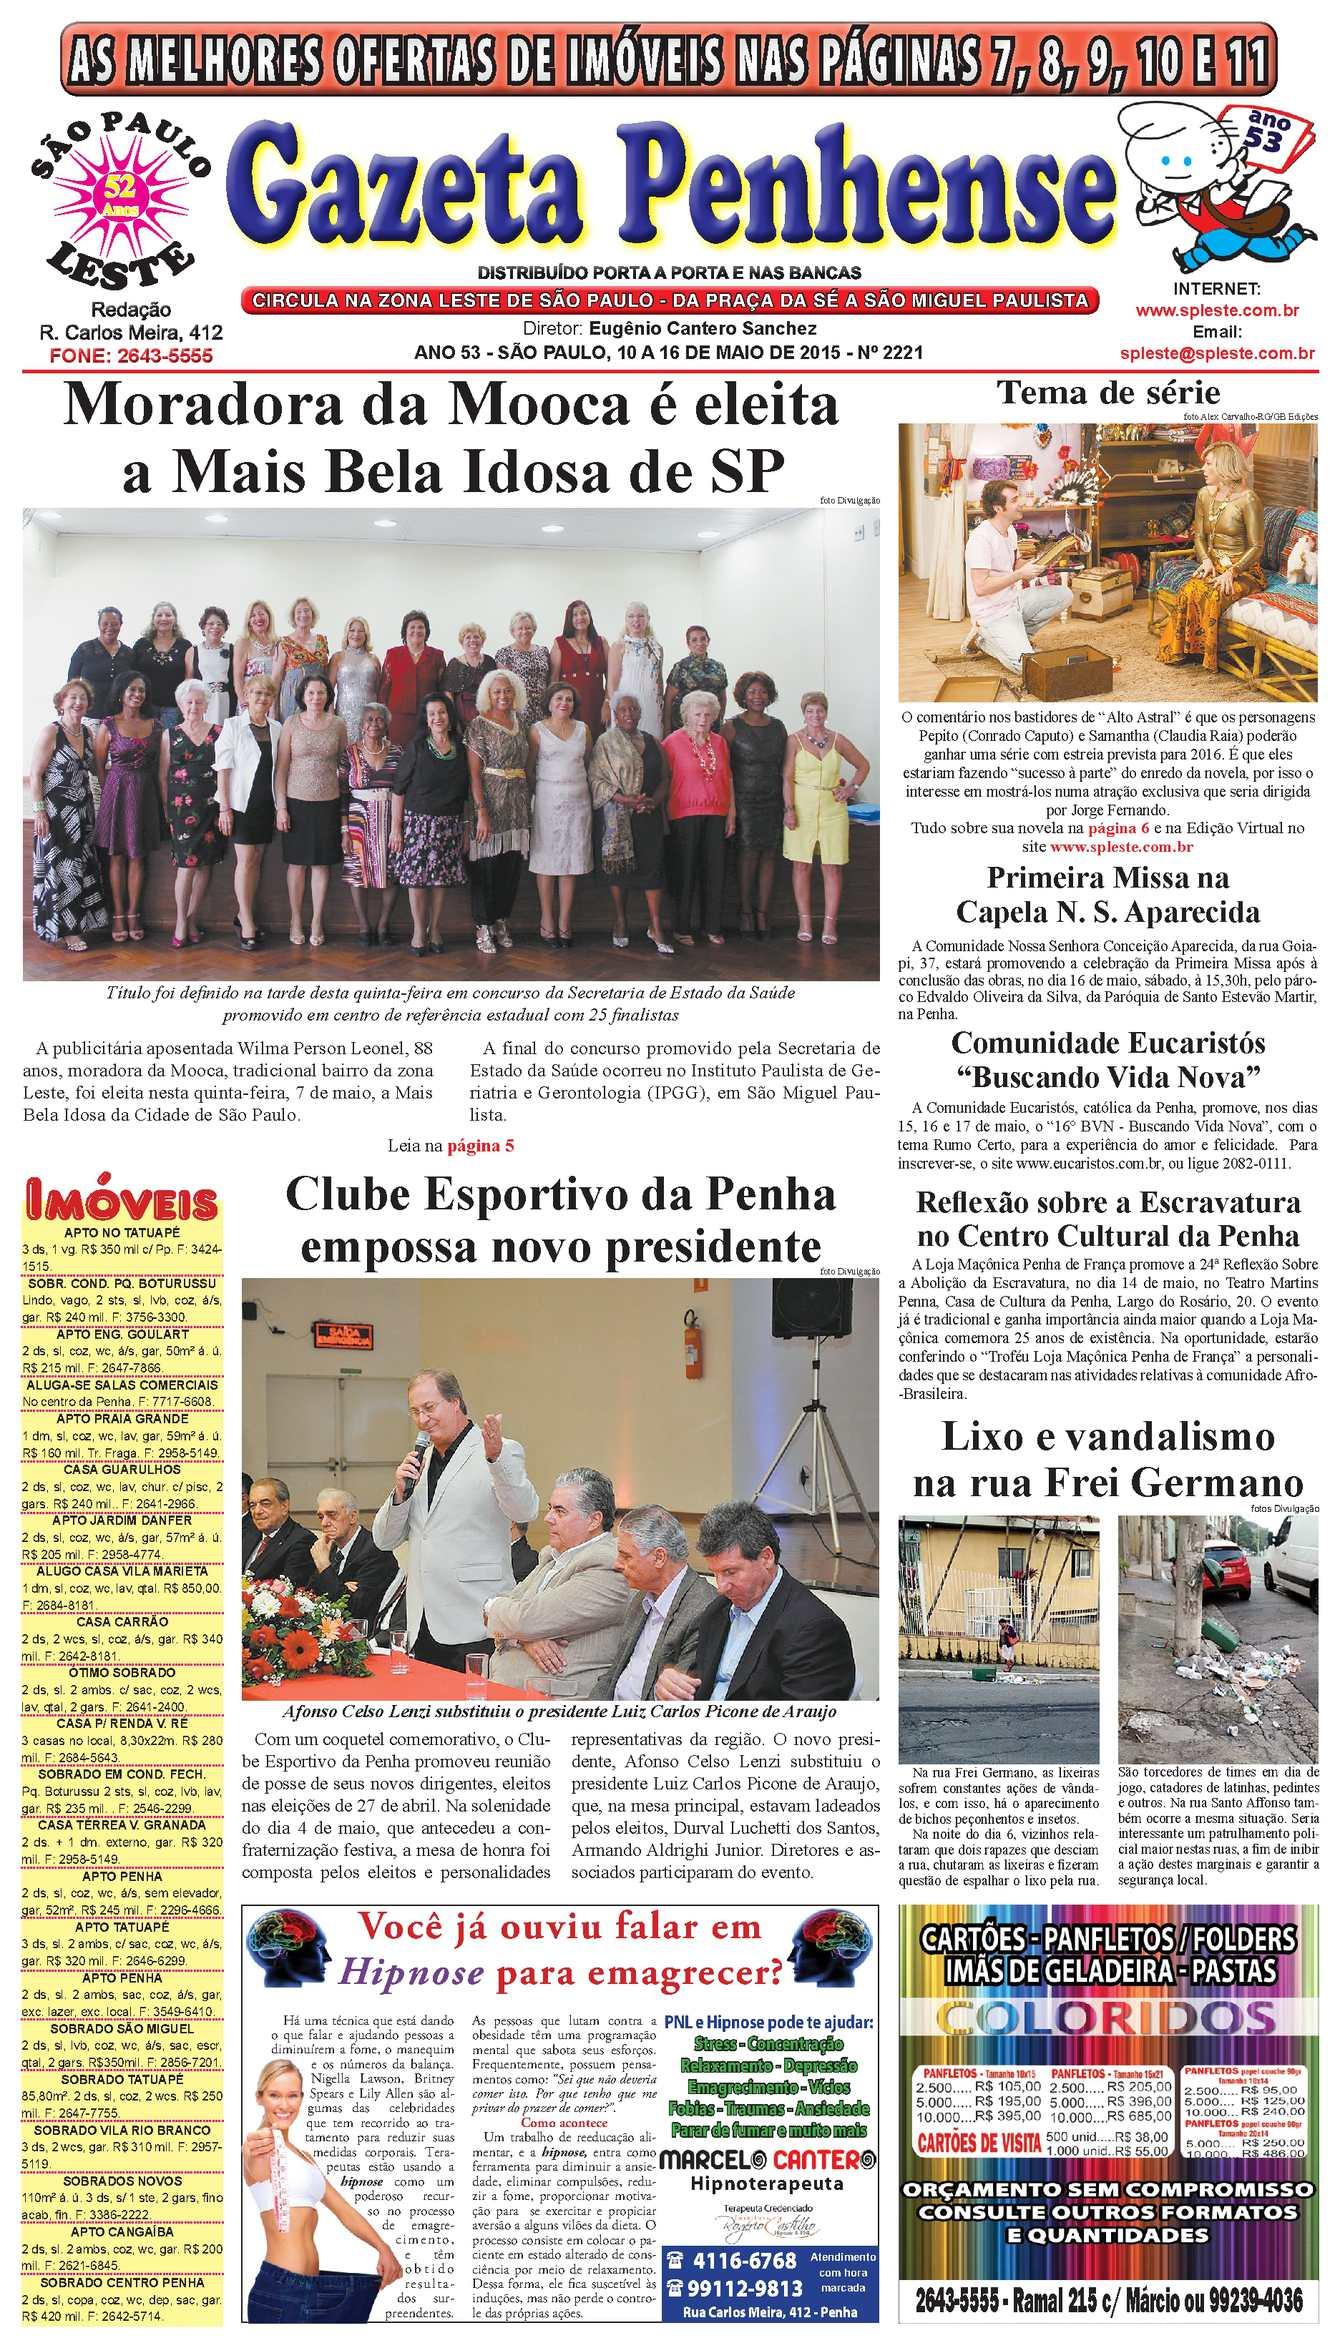 Calaméo - Gazeta Penhense - edição 2221 - 10 a 16 05 15 f71dfbf0035b0